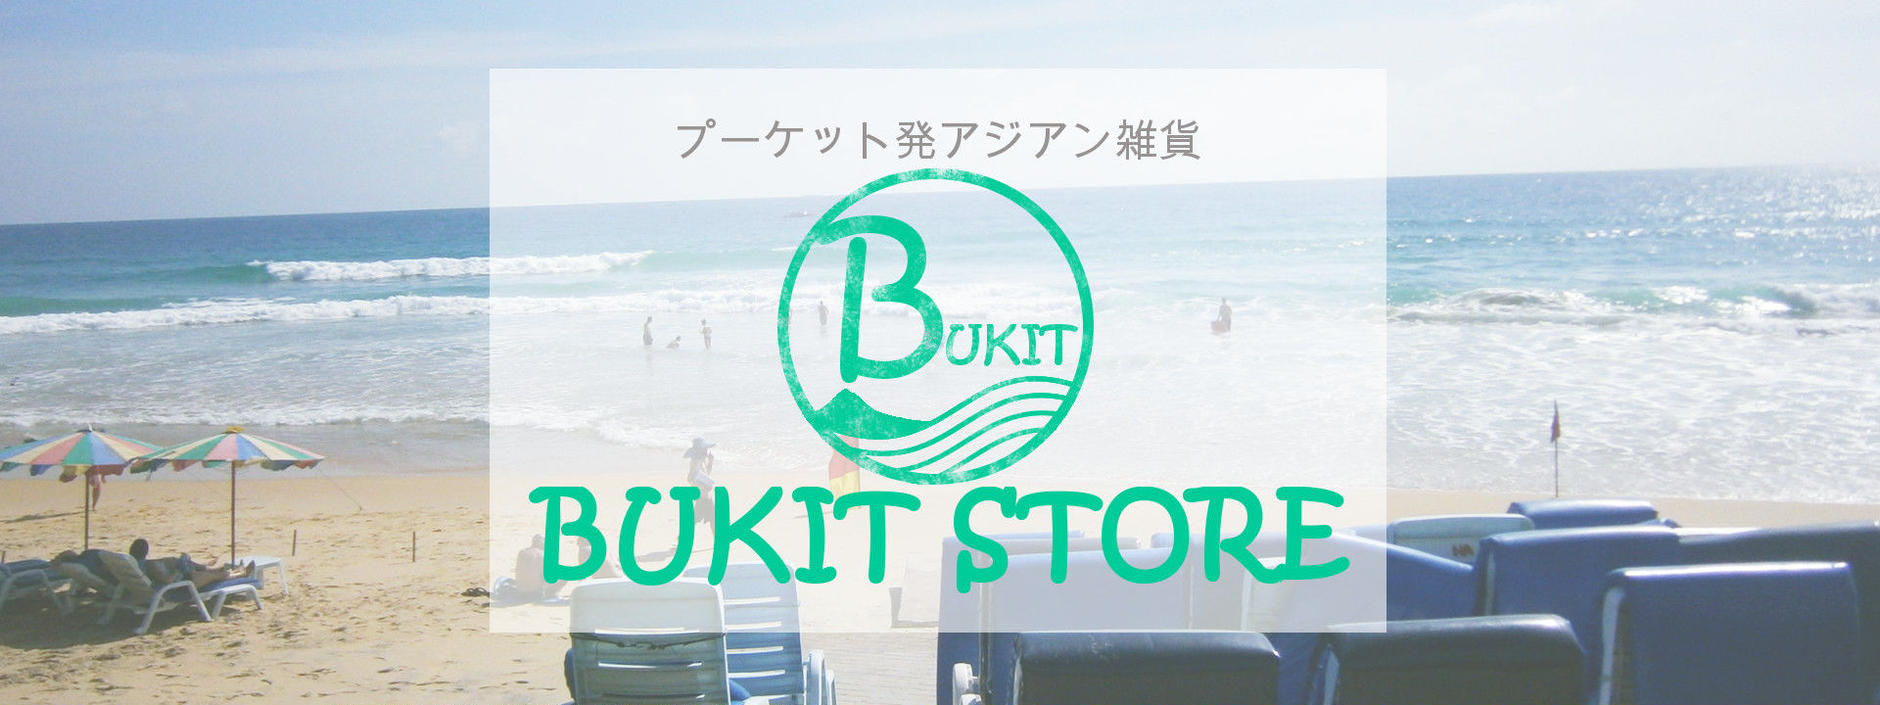 BUKIT STORE